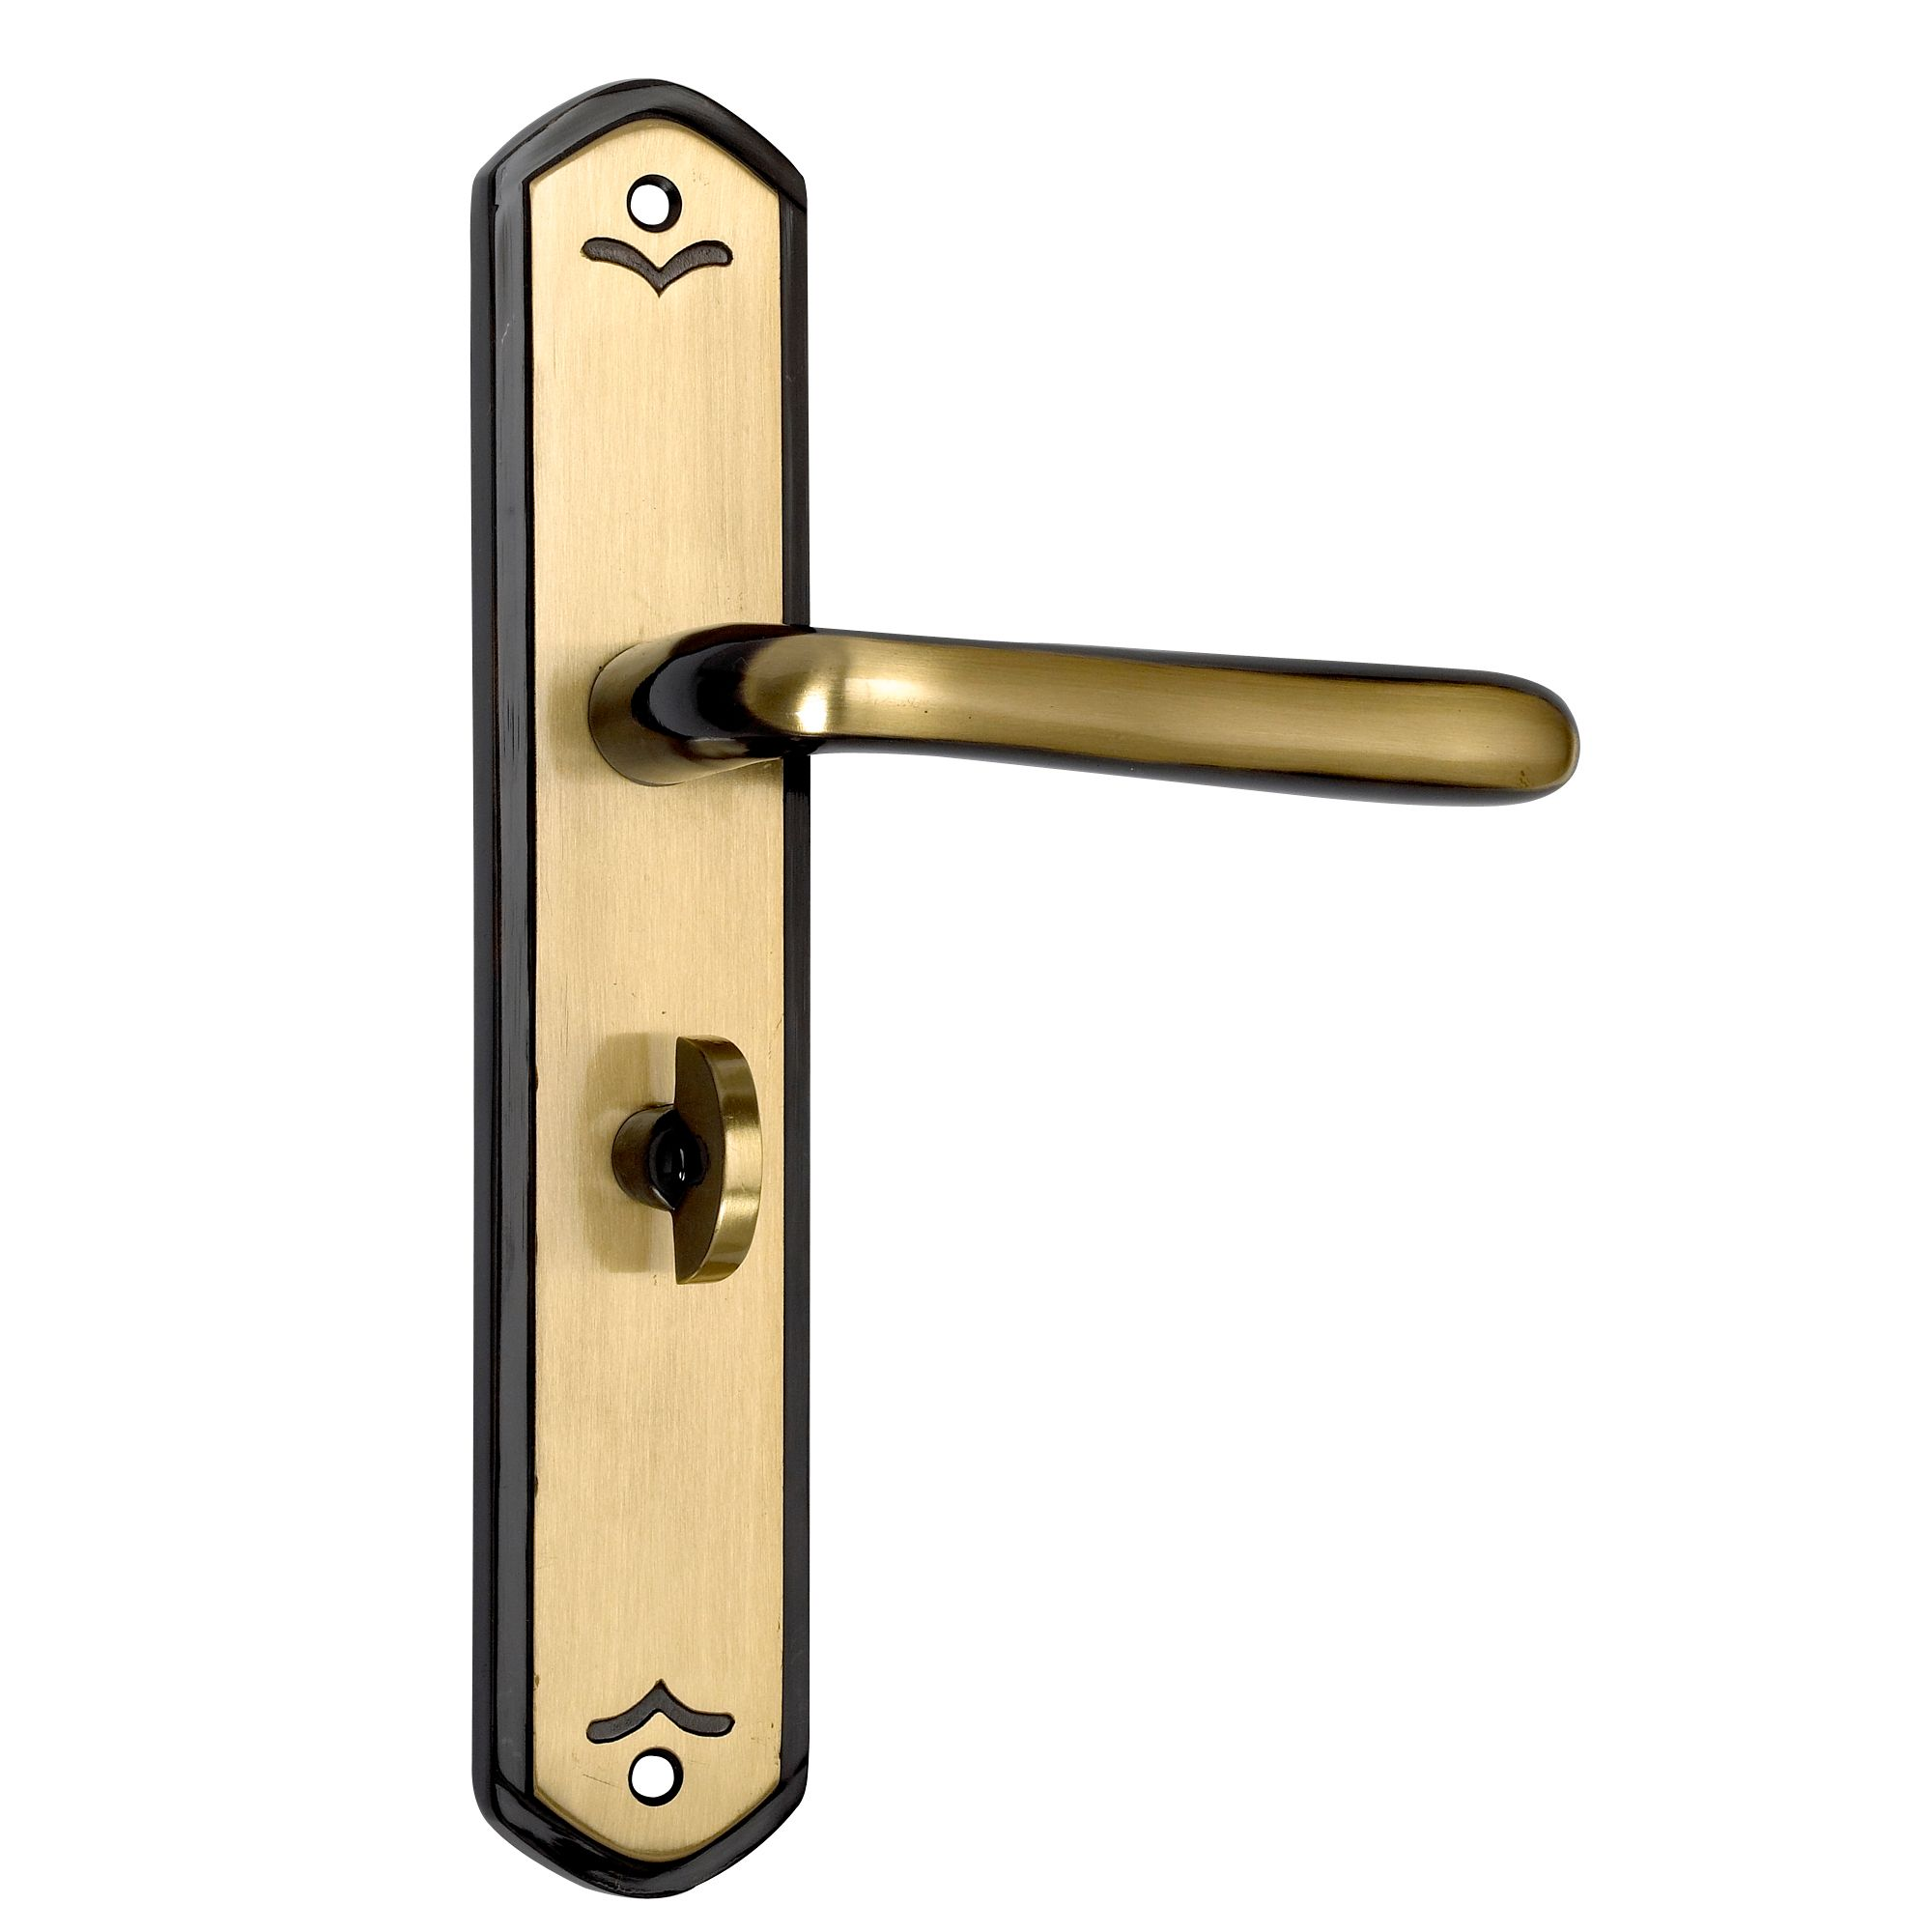 b&q door knobs photo - 17